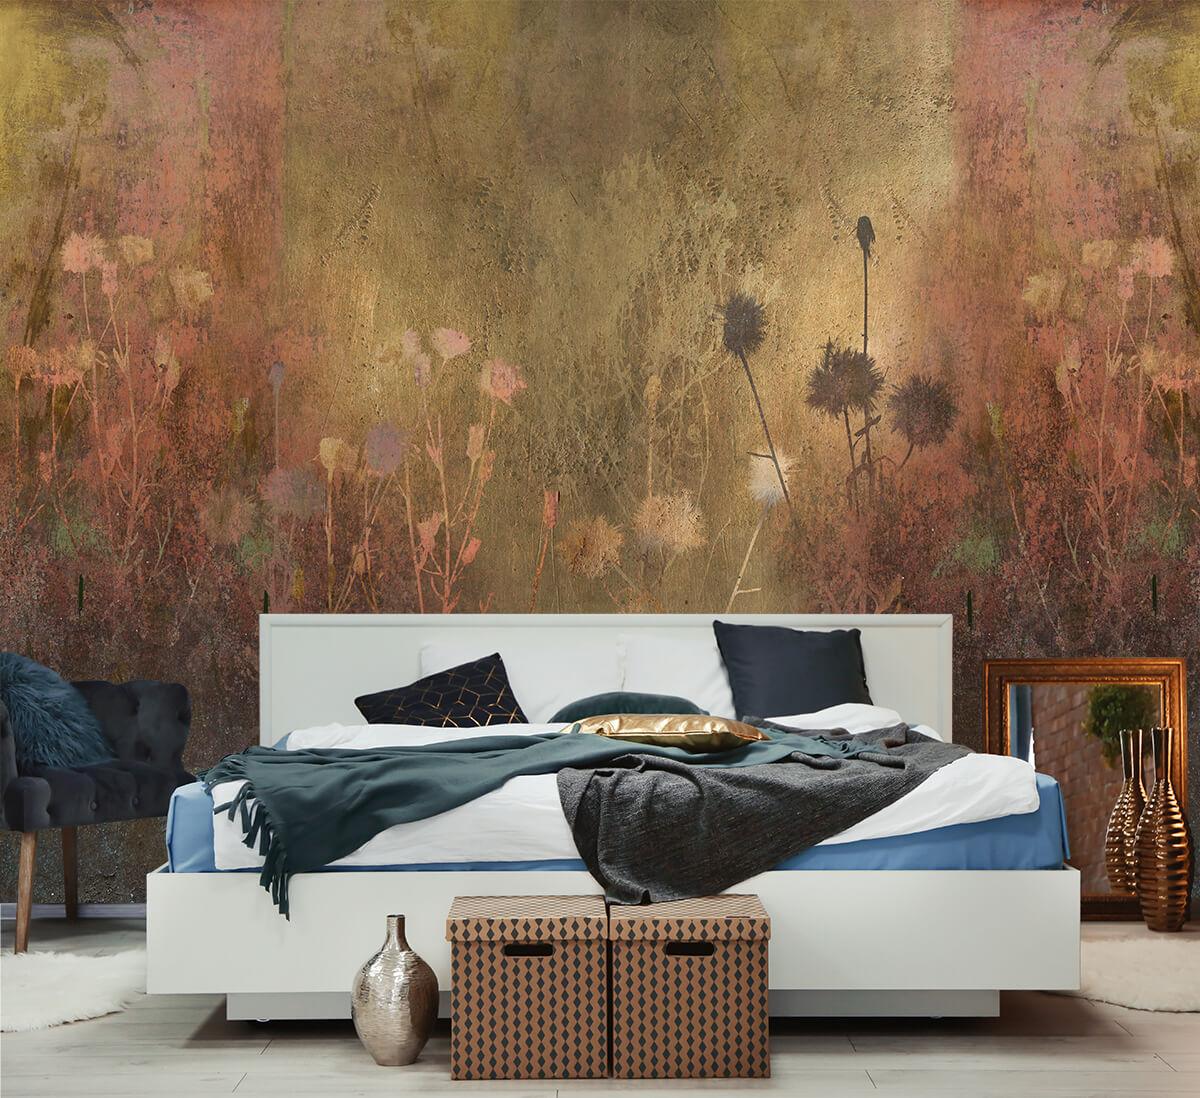 Nowoczesna sypialnia z tapetą w motywy roślinne Urban Jungle